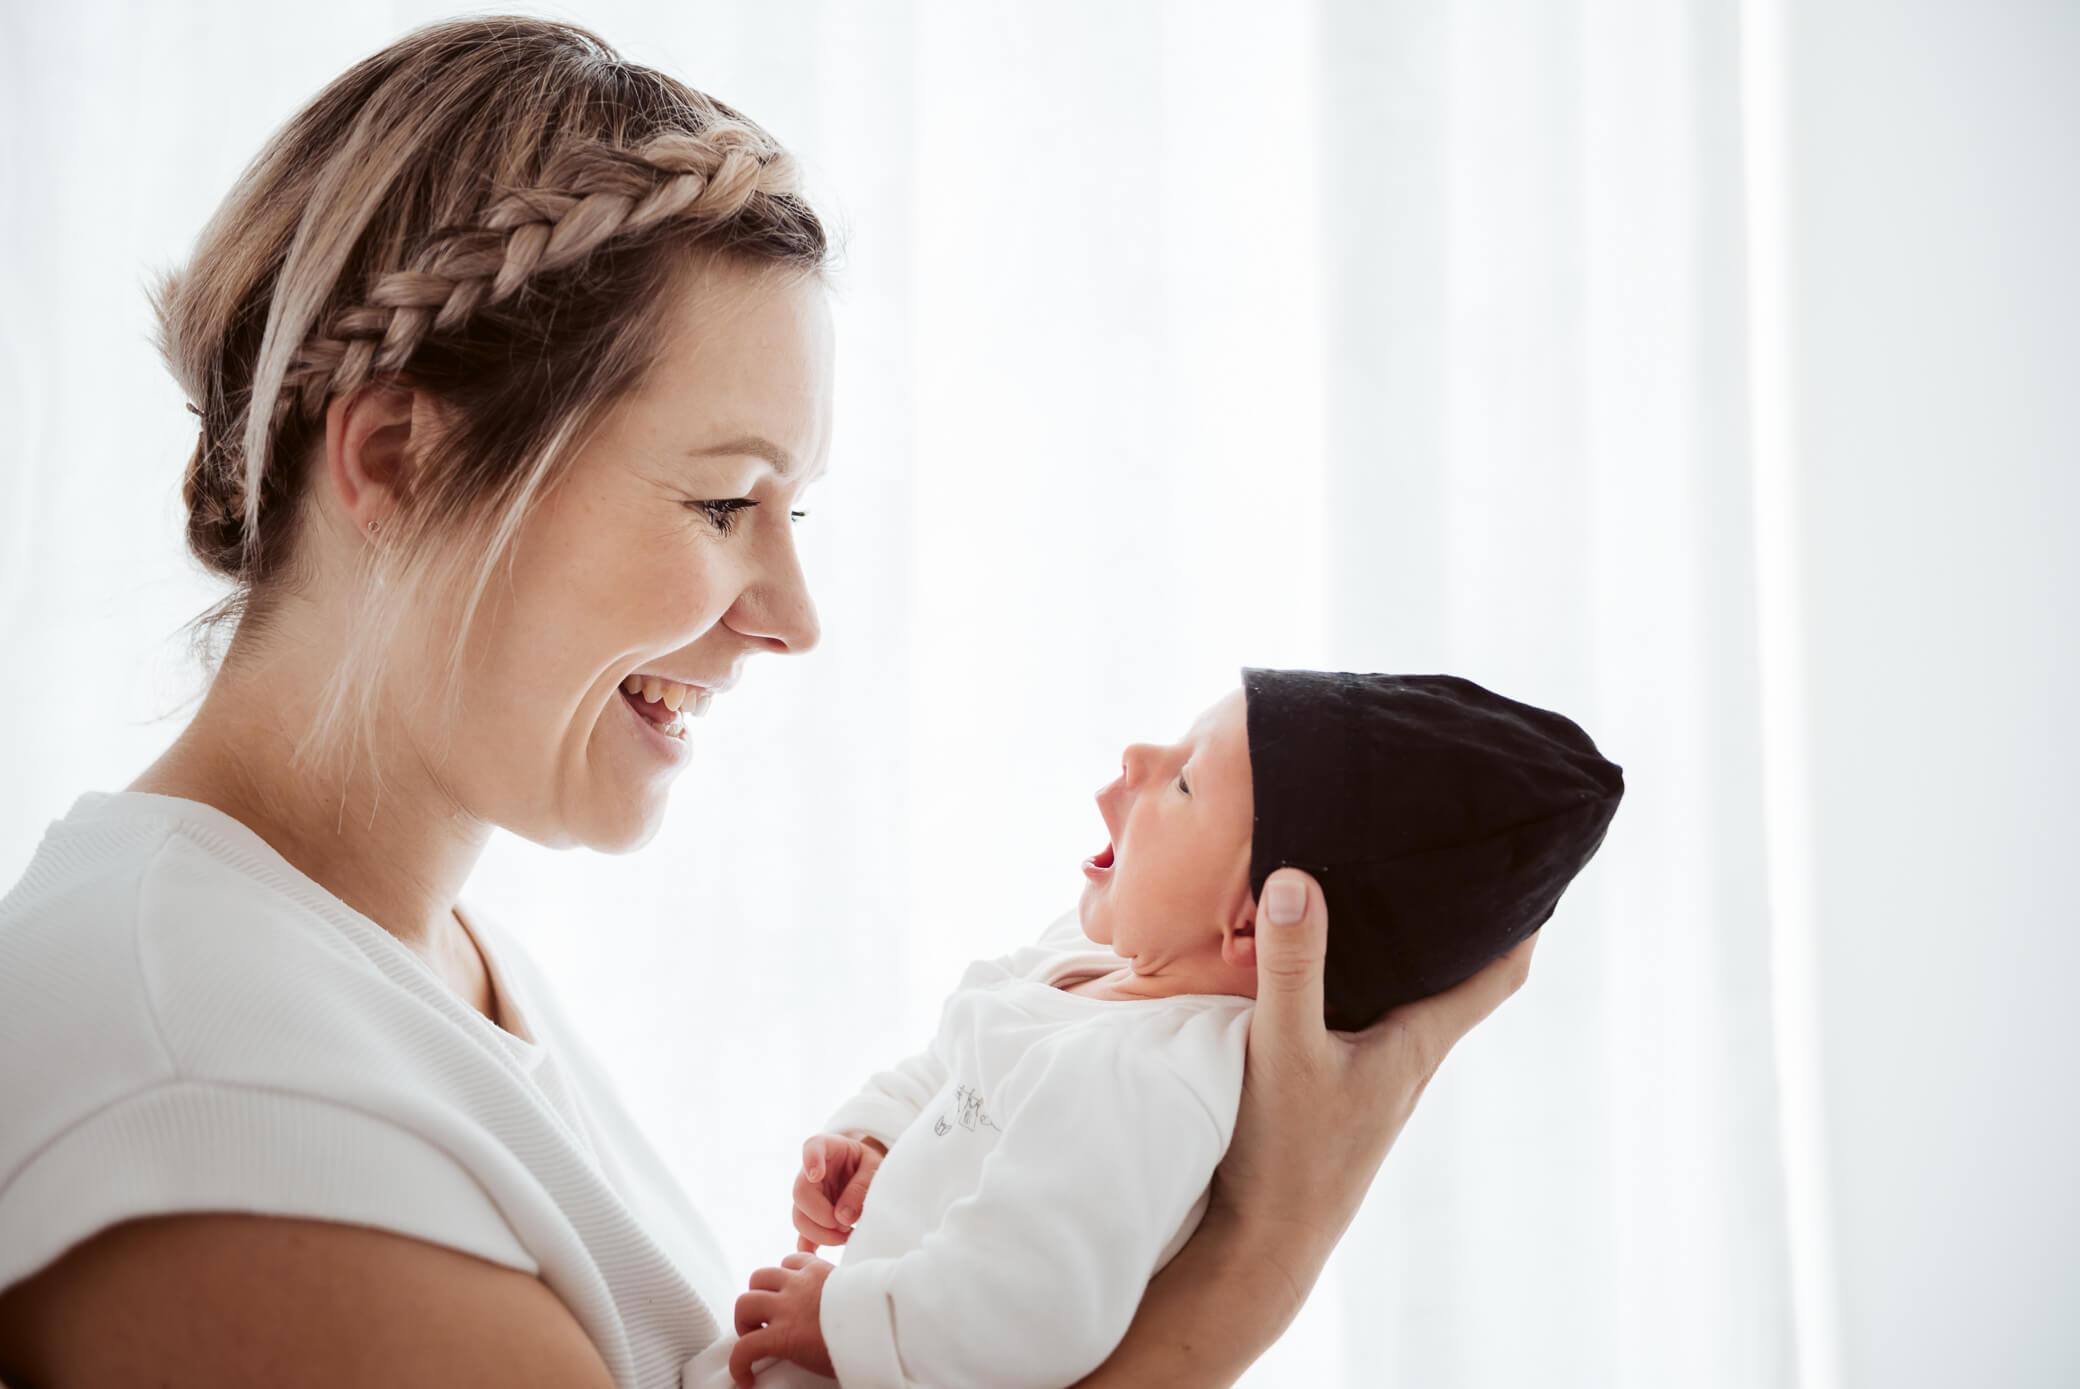 Mama kijkt baby liefdevol in de ogen tijdens newbornshoot